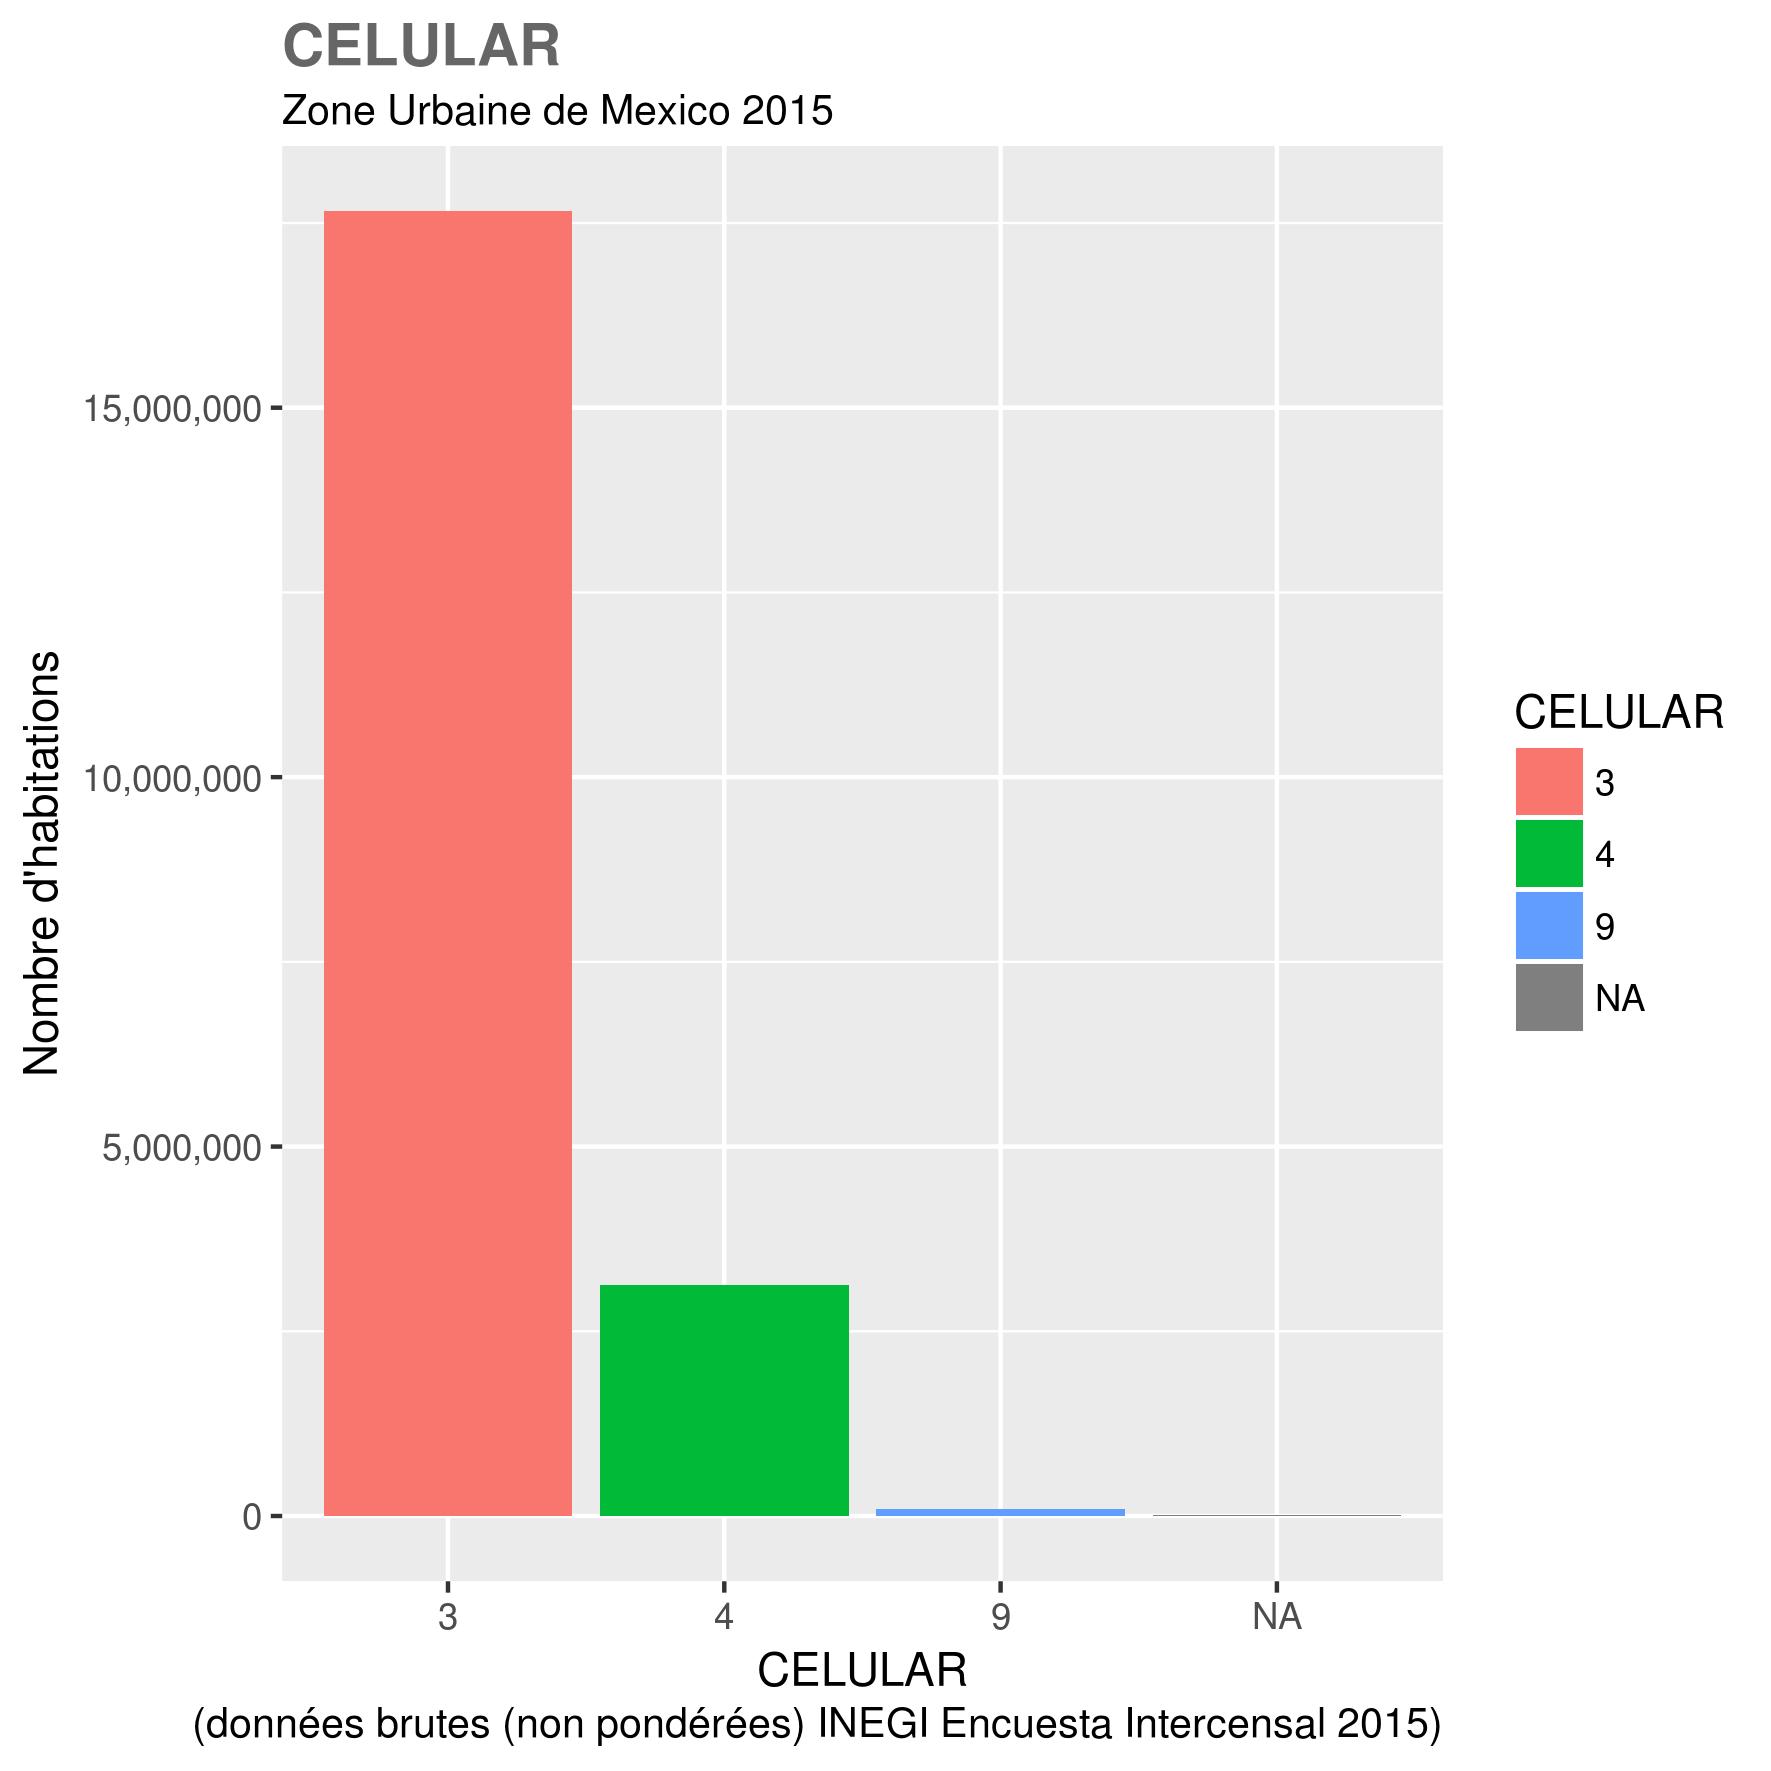 docs/images/ZUM_toutes_variables/2015_ZUM_CELULAR.png